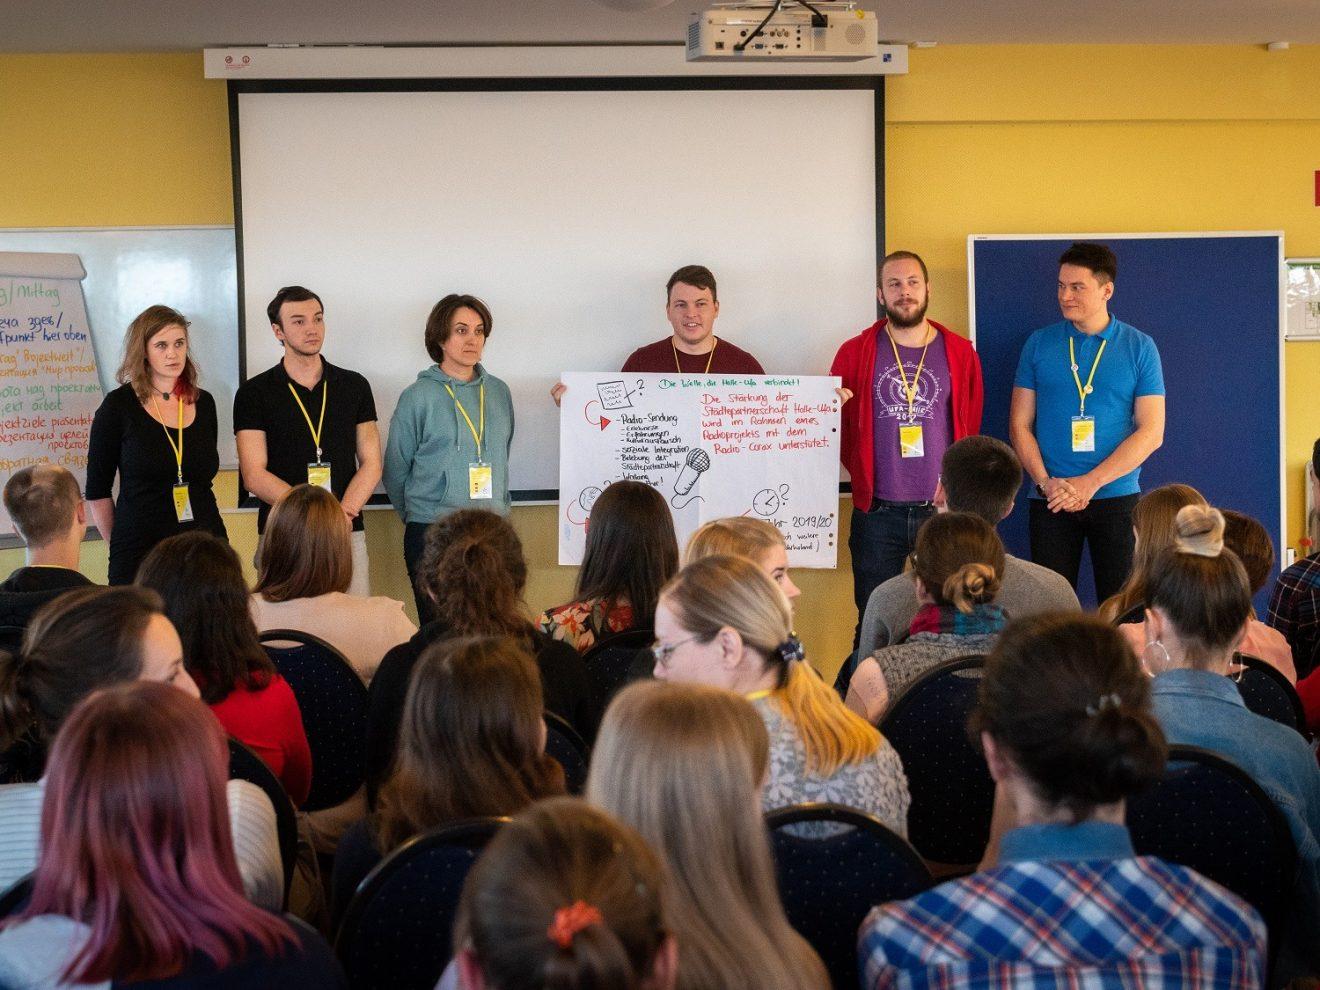 Jugendforum der Deutsch-Russischen Städtepartnerschaften: Interview mit einem ehemaligen Teilnehmer